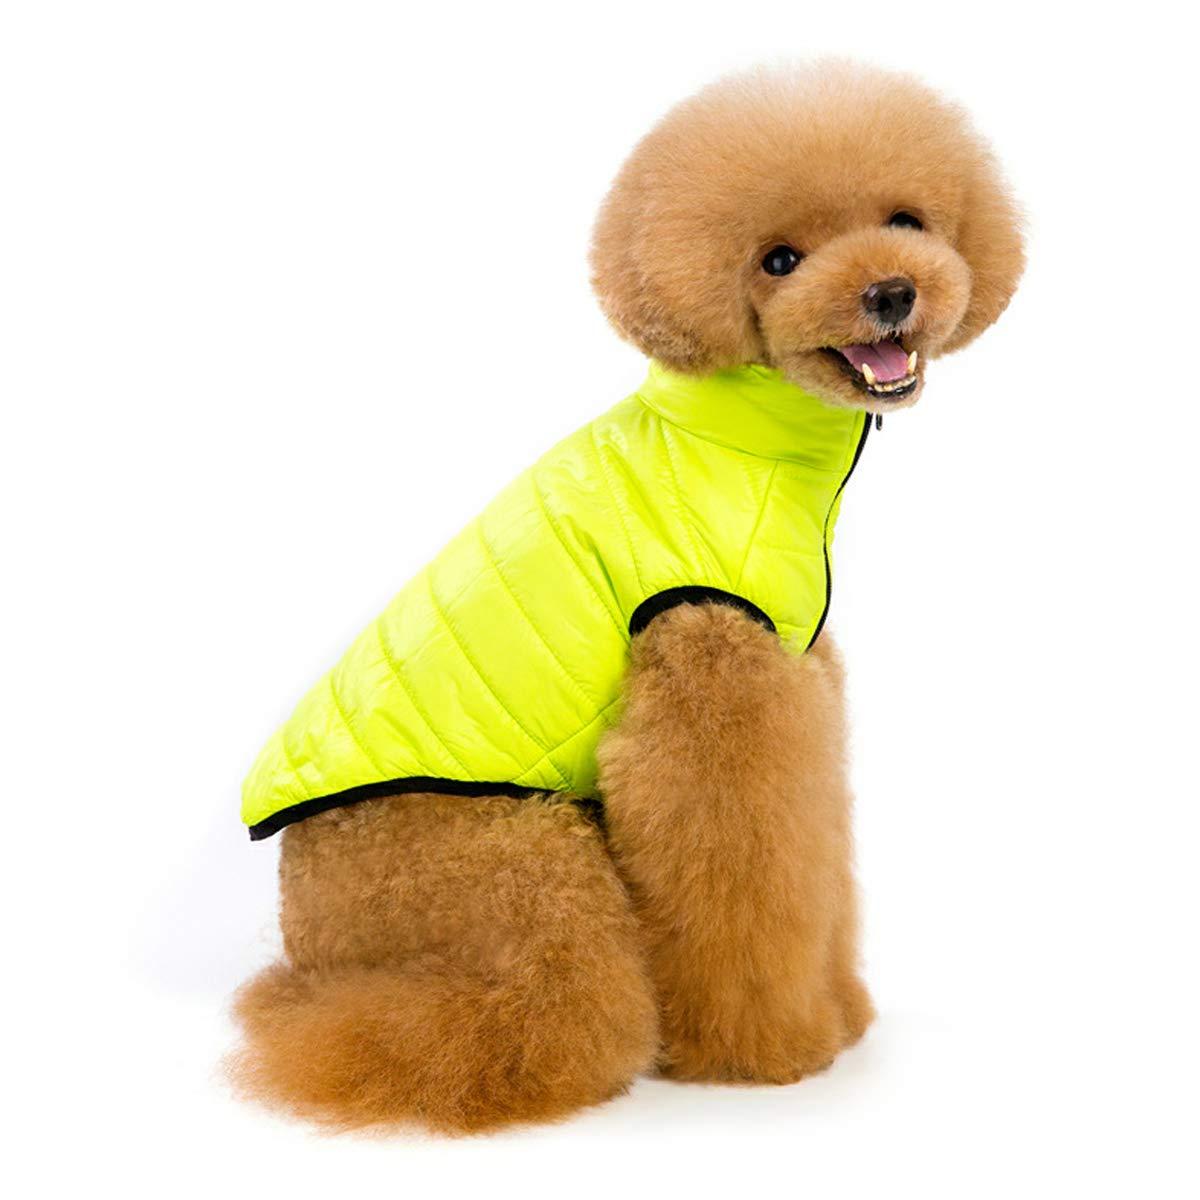 PETCUTE Cappotto invernale cane,abbigliamento invernale per cani, gilet imbottito caldo per cane, giacca cagnolina accogliente